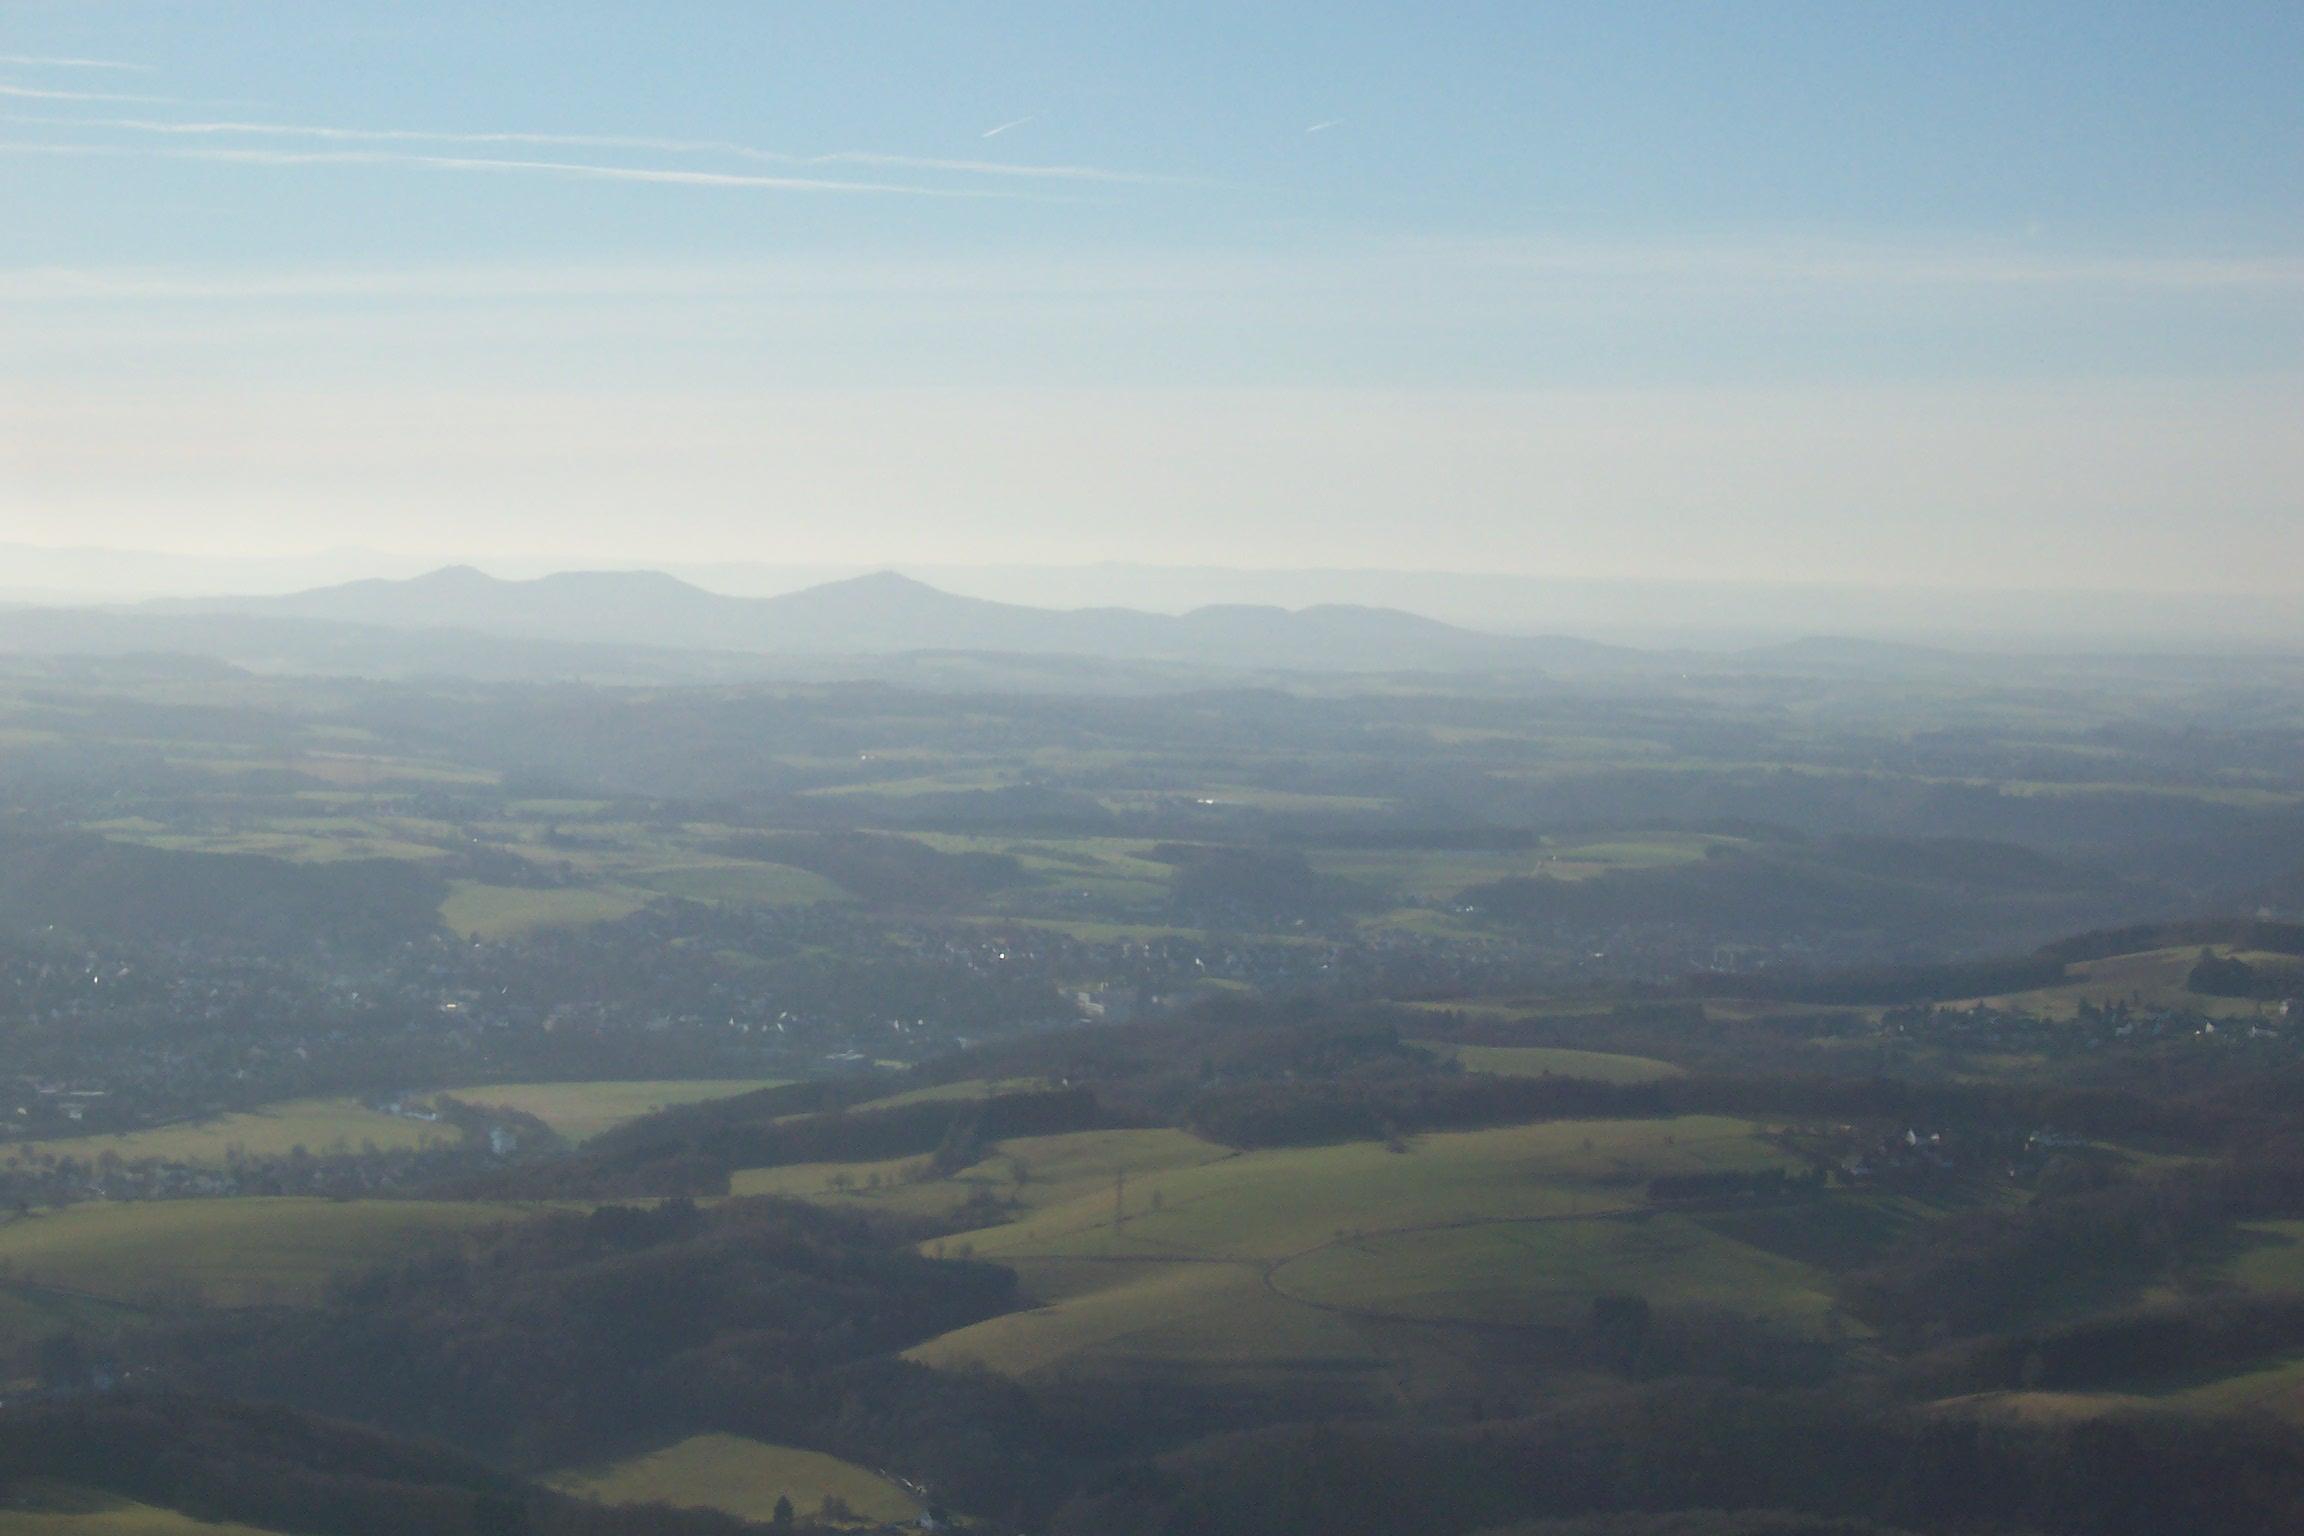 Blick zurück auf das Siebengebirge kurz nach dem Start